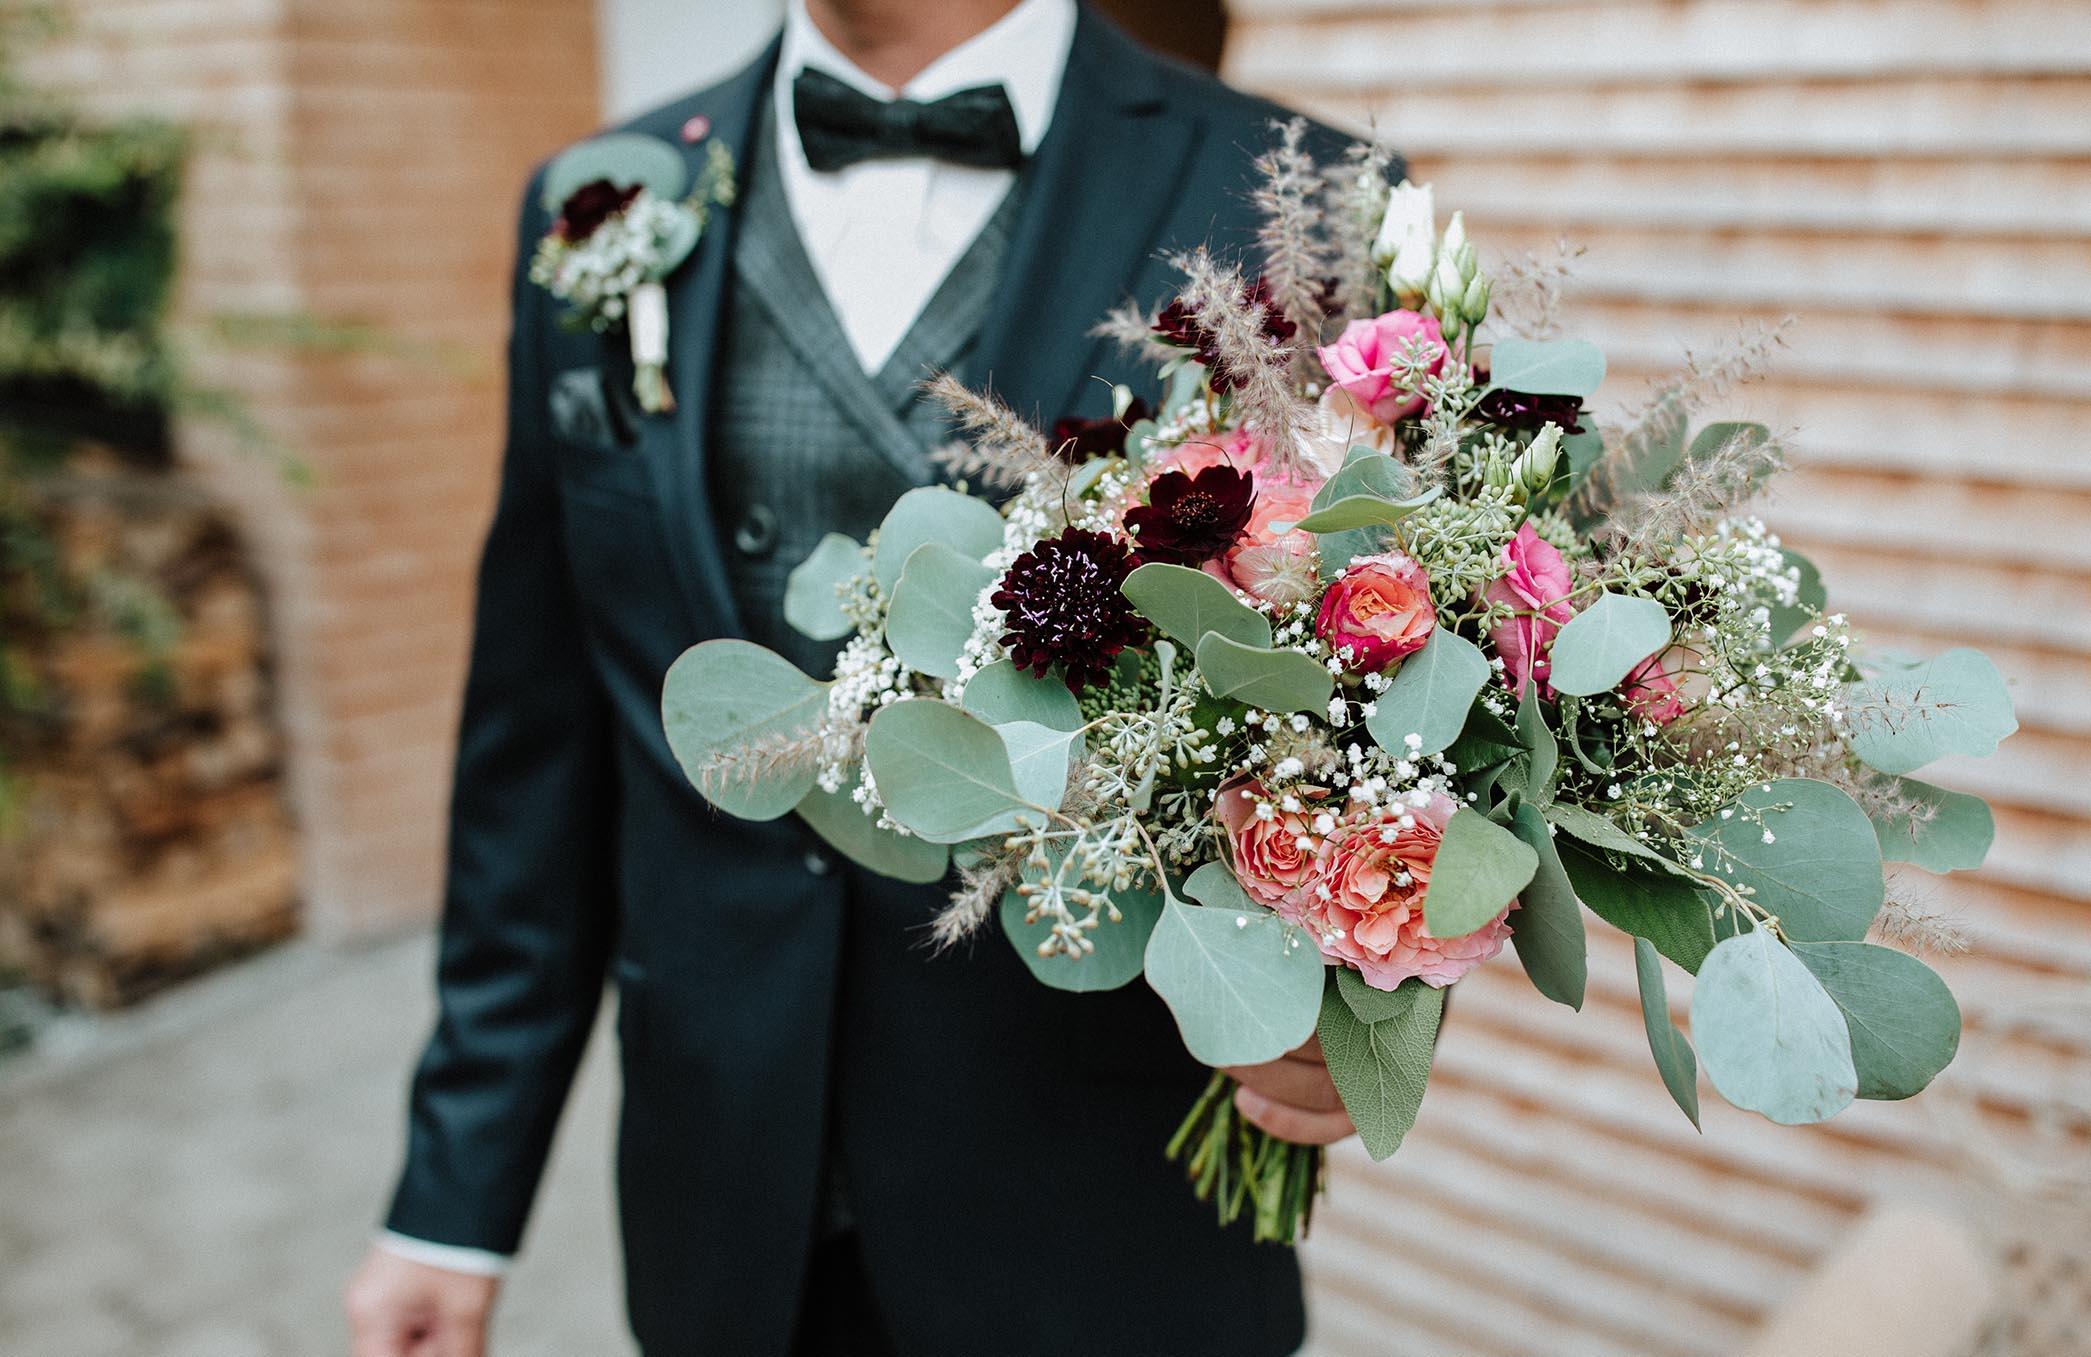 Flora Blumen & Dekor | Hochzeitsfloristik